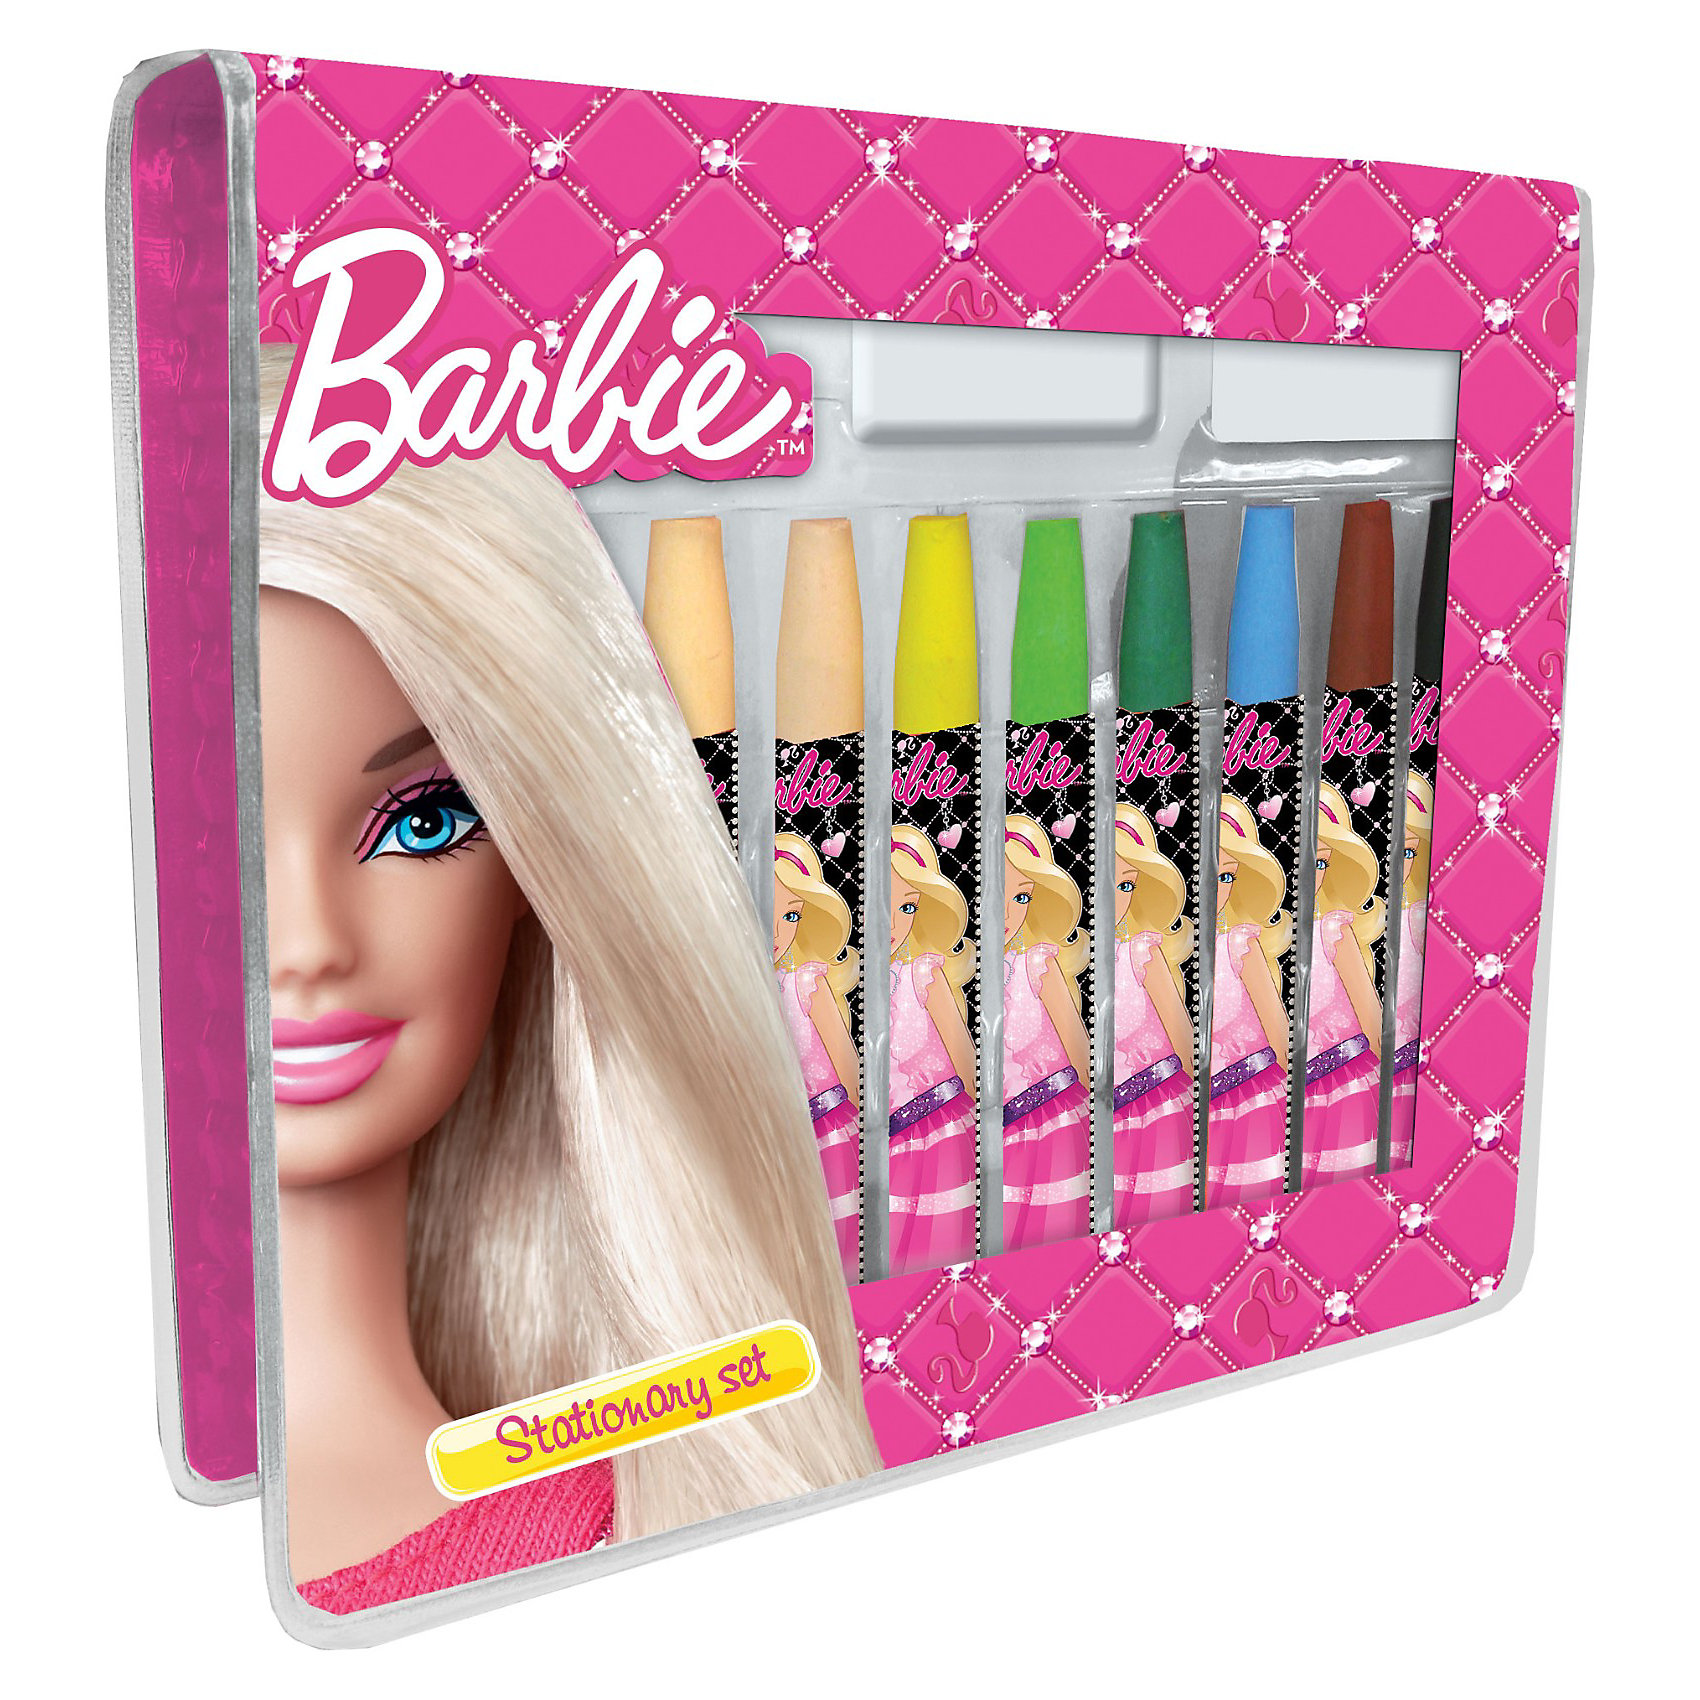 Набор для творчества: 25 предметов, BarbieBarbie<br>Все девочки любят рисовать, а также кукол Barbie (Барби)! Канцелярский набор от Академии Групп учел предпочтения маленьких художниц. Он включает в себя красочные мелки и карандаши с символикой Barbie (Барби). С этим ярким набором так легко дать волю фантазии вместе с любимой куколкой. Творить легко с набором Barbie (Барби)! В подарочном наборе для творчества есть все необходимое для создания детских живописных шедевров: 10 восковых мелков, 12 цветных карандашей , ластик, стикер и точилка. Набор упакован в красочный чемоданчик и станет приятным сюрпризом для ребенка!<br><br>Дополнительная информация:<br><br>- В наборе: 25 предметов  (цветные карандаши 12 шт, восковые мелки 10 шт, точилка, ластик, стикер);<br>- Набор выполнен в стиле куколок Barbie (Барби);<br>- Все предметы аккуратно складываются в чемоданчик;<br>- Все предметы с символикой Barbie (Барби);<br>- В наборе все необходимое для творчества;<br>- Размер: 12 х 15 х 3 см.<br><br>Набор для творчества: 25 предметов Barbie (Барби) можно купить в нашем интернет-магазине.<br><br>Ширина мм: 150<br>Глубина мм: 120<br>Высота мм: 30<br>Вес г: 400<br>Возраст от месяцев: 96<br>Возраст до месяцев: 108<br>Пол: Женский<br>Возраст: Детский<br>SKU: 3563355